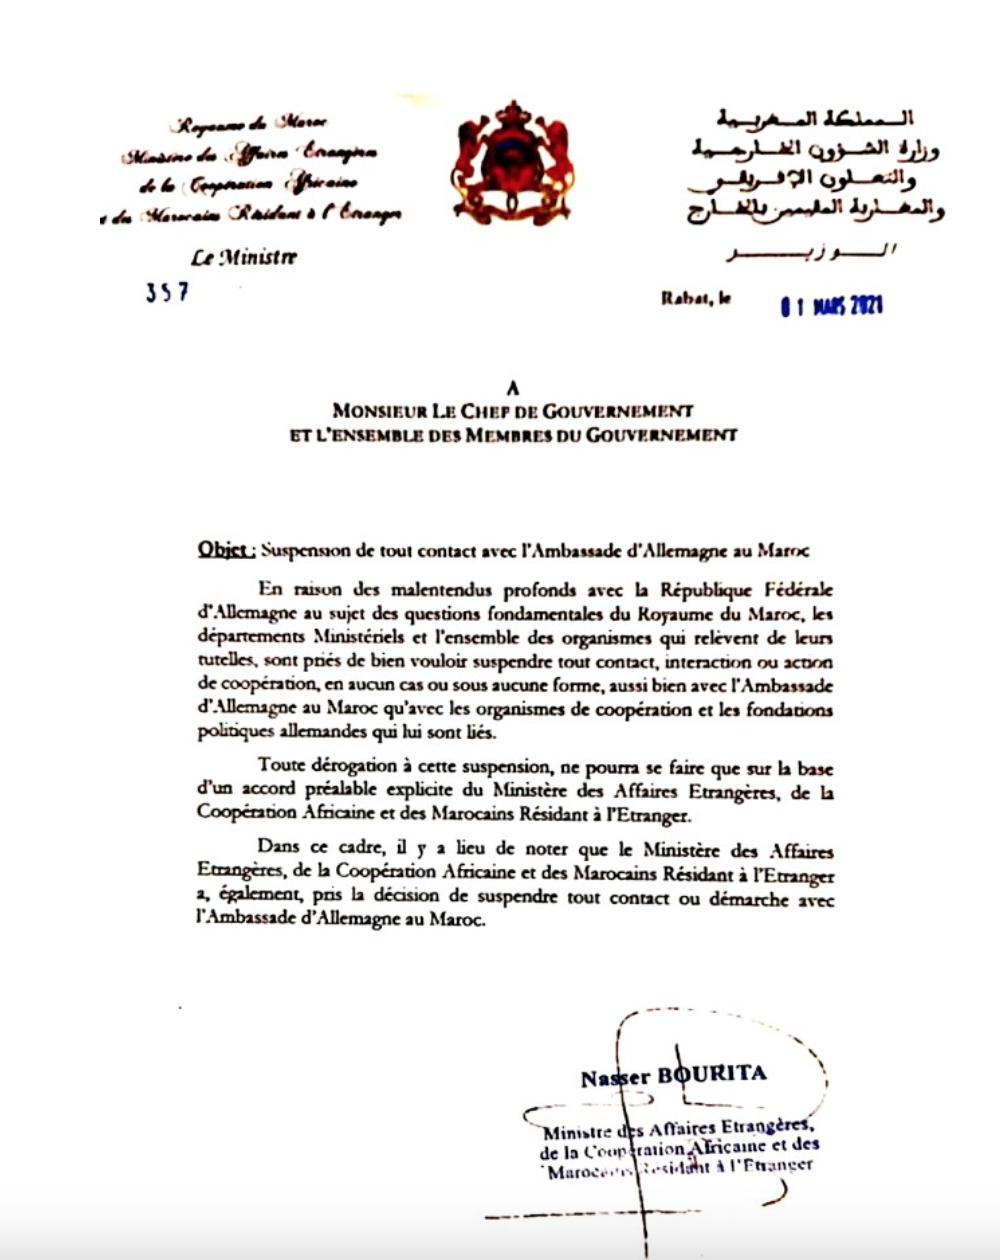 Le Maroc suspend ses relations diplomatiques avec l'Allemagne en raison de malentendus profonds à priori sur le Sahara occidental 1